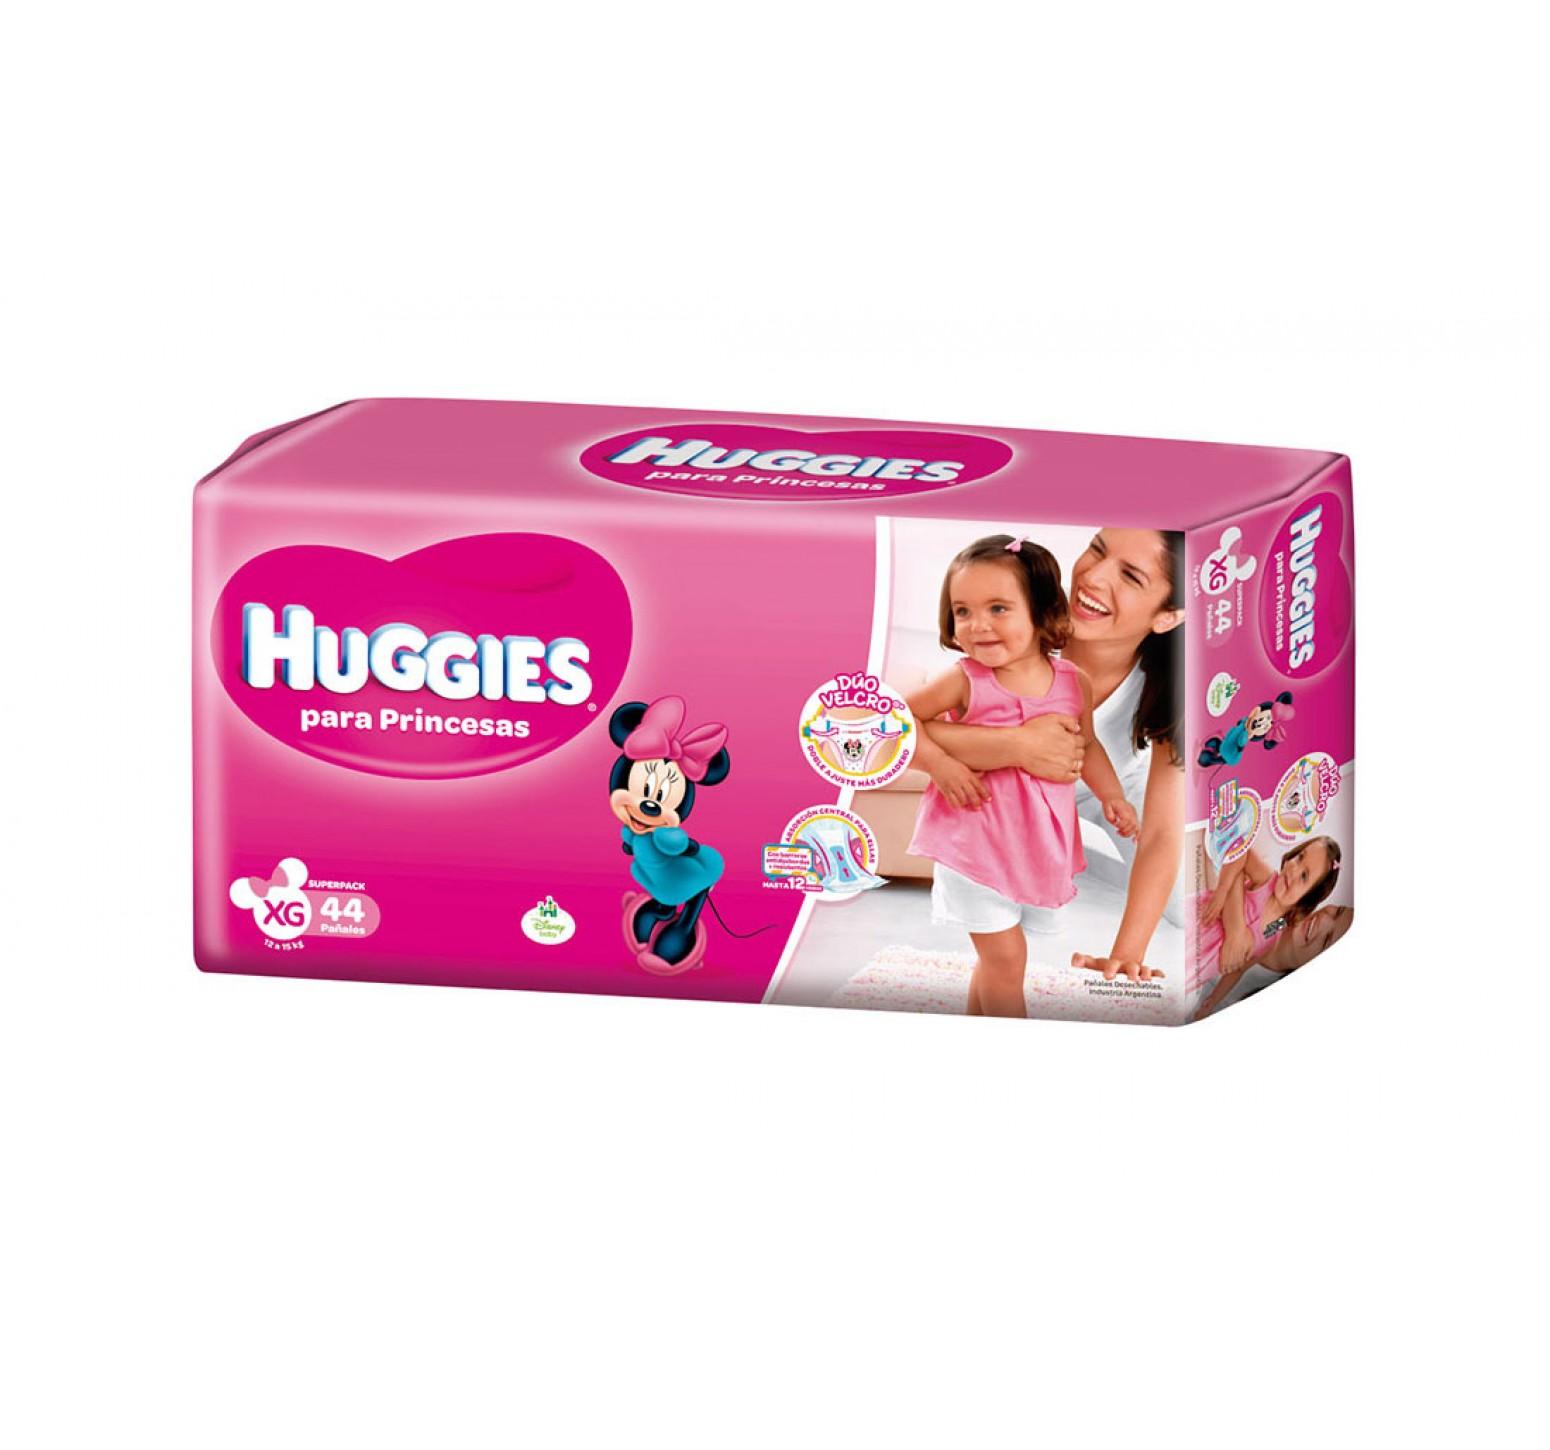 [ XG ] · 12 a 15 kg. · 5 Packs de 44 pañales